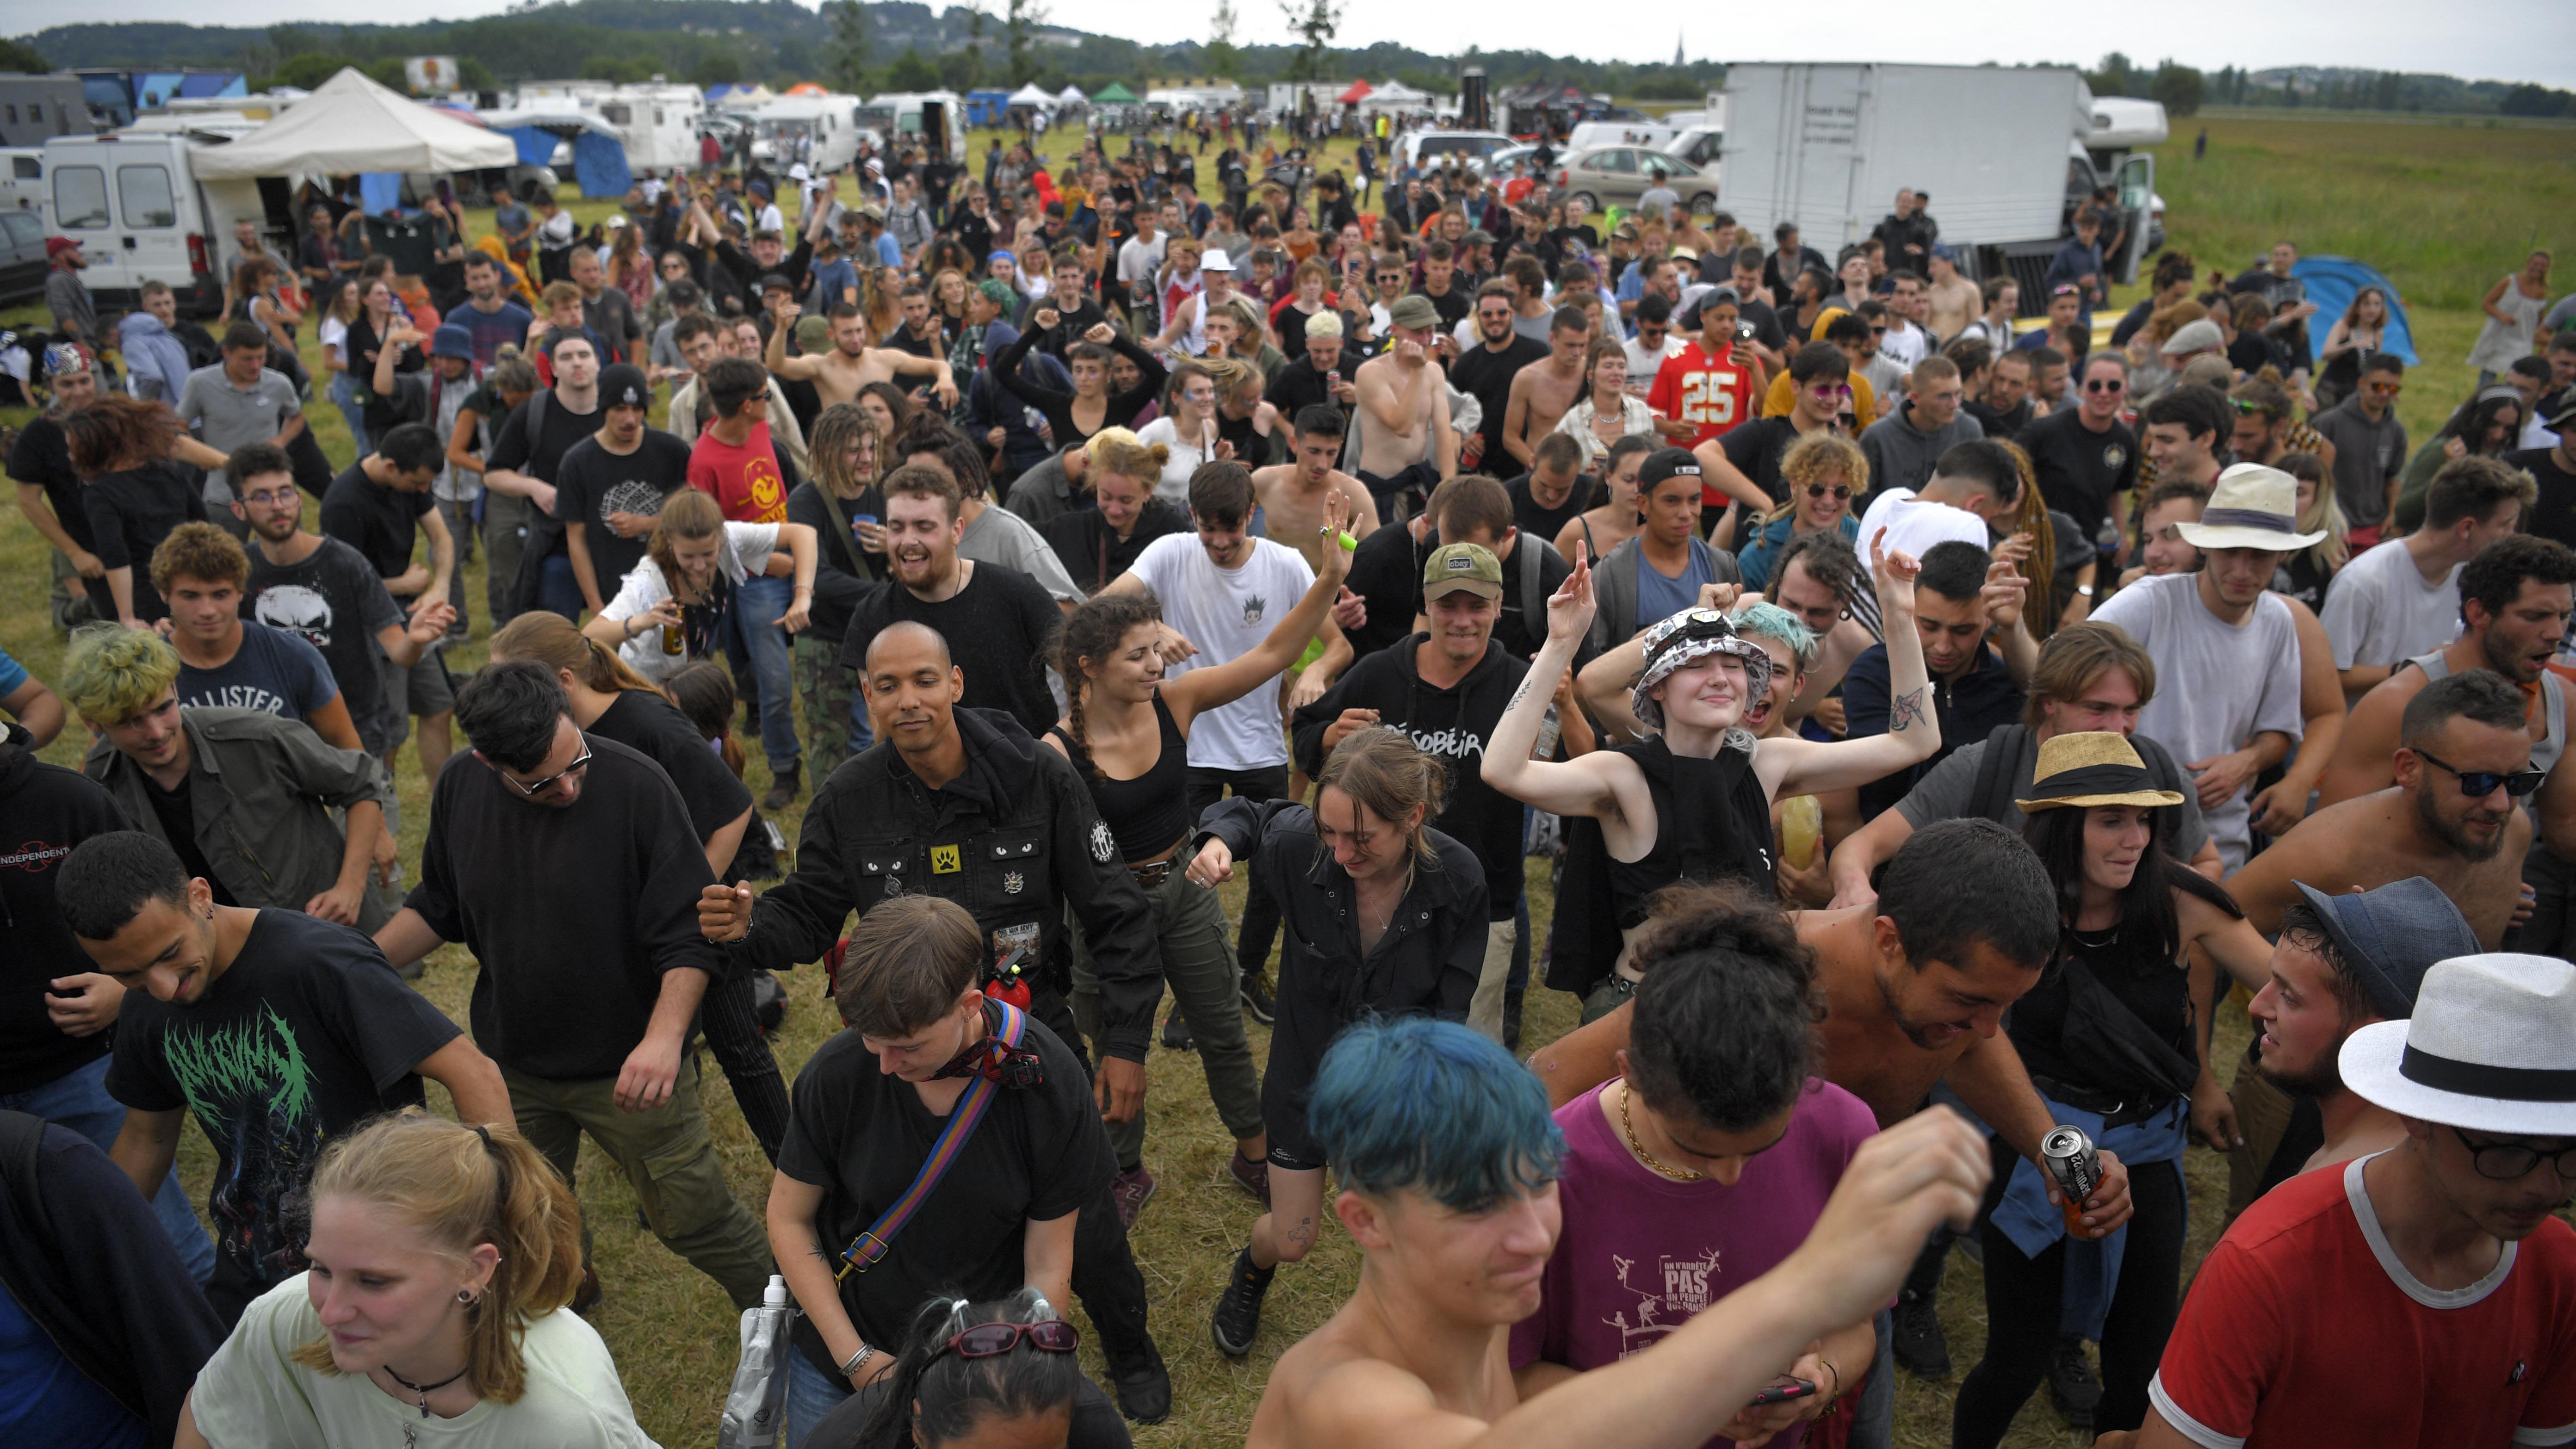 Los participantes participan en una fiesta rave ilegal en un campo en Redon, noroeste de Francia.